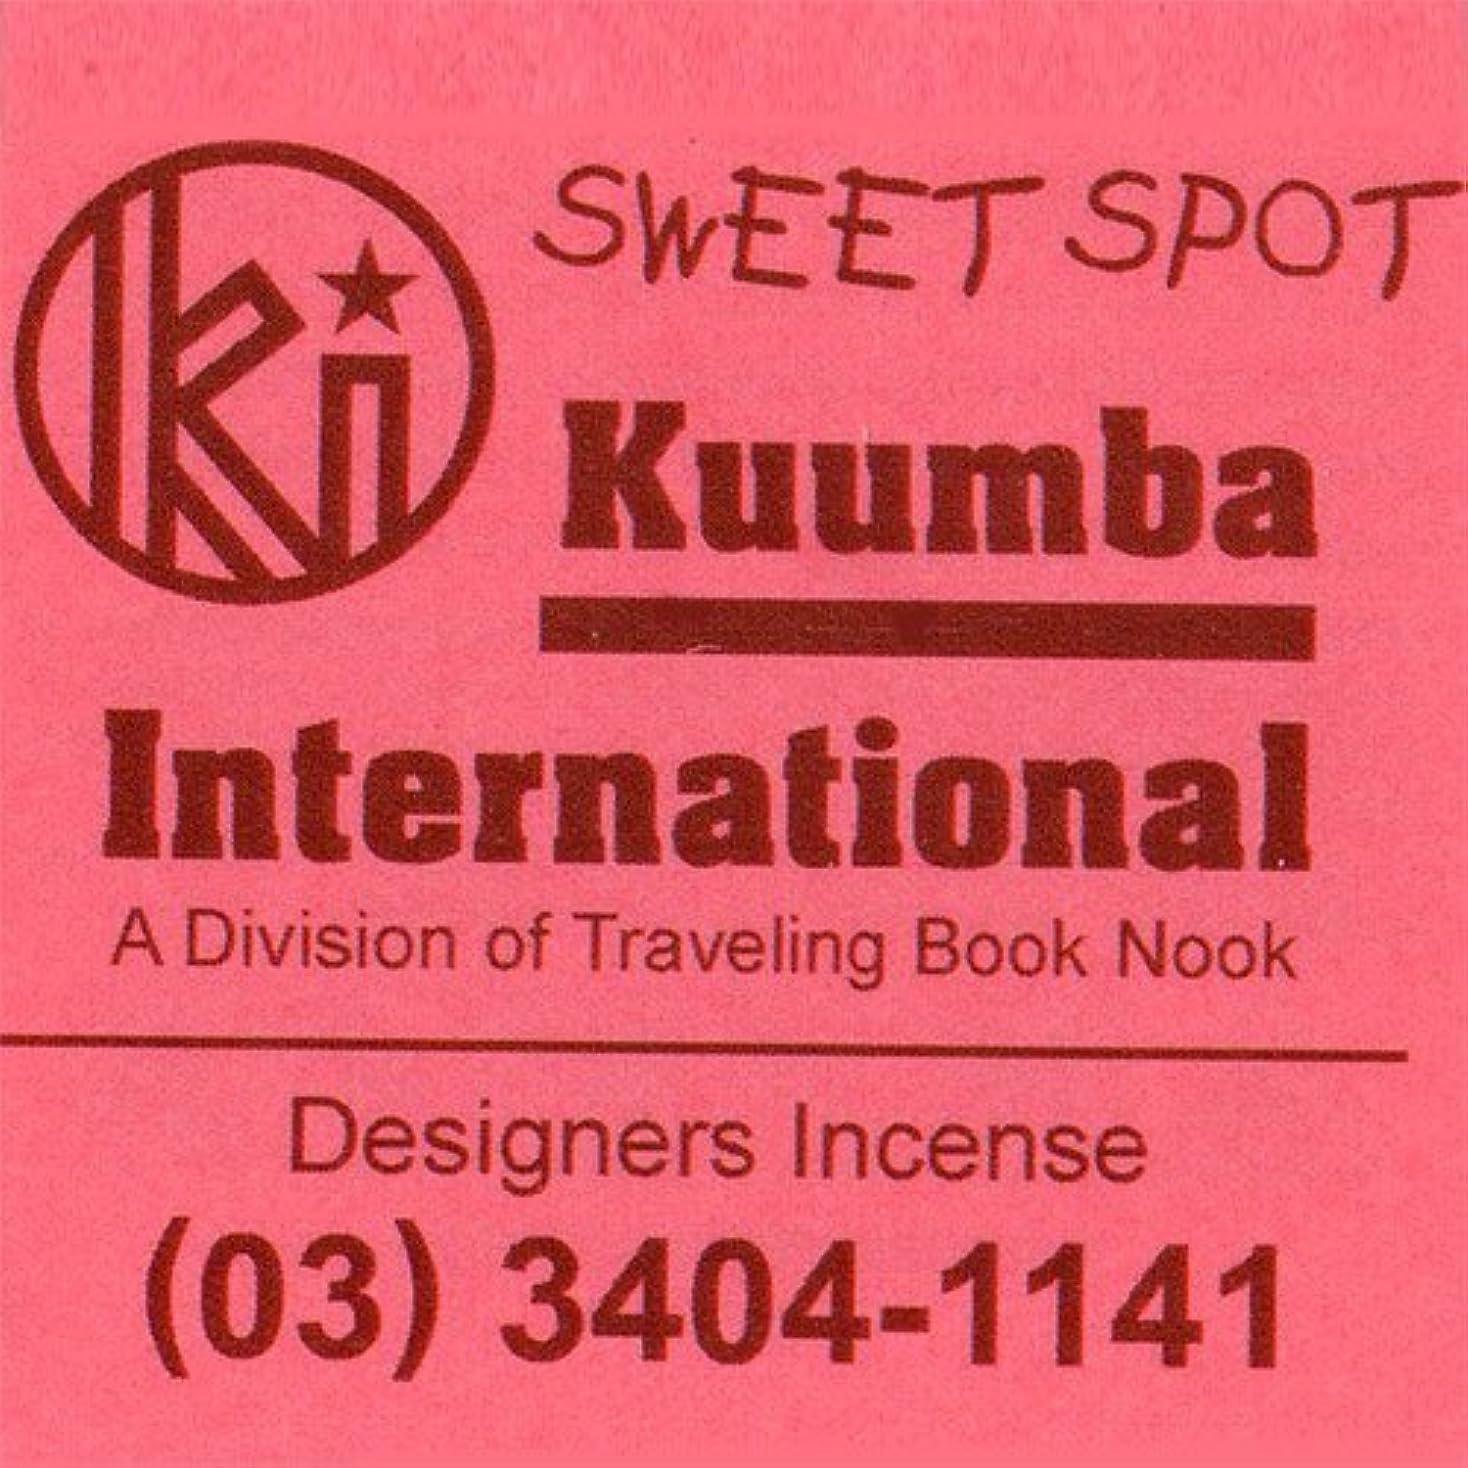 血統サーバント全員KUUMBA / クンバ『incense』(SWEET SPOT) (Regular size)